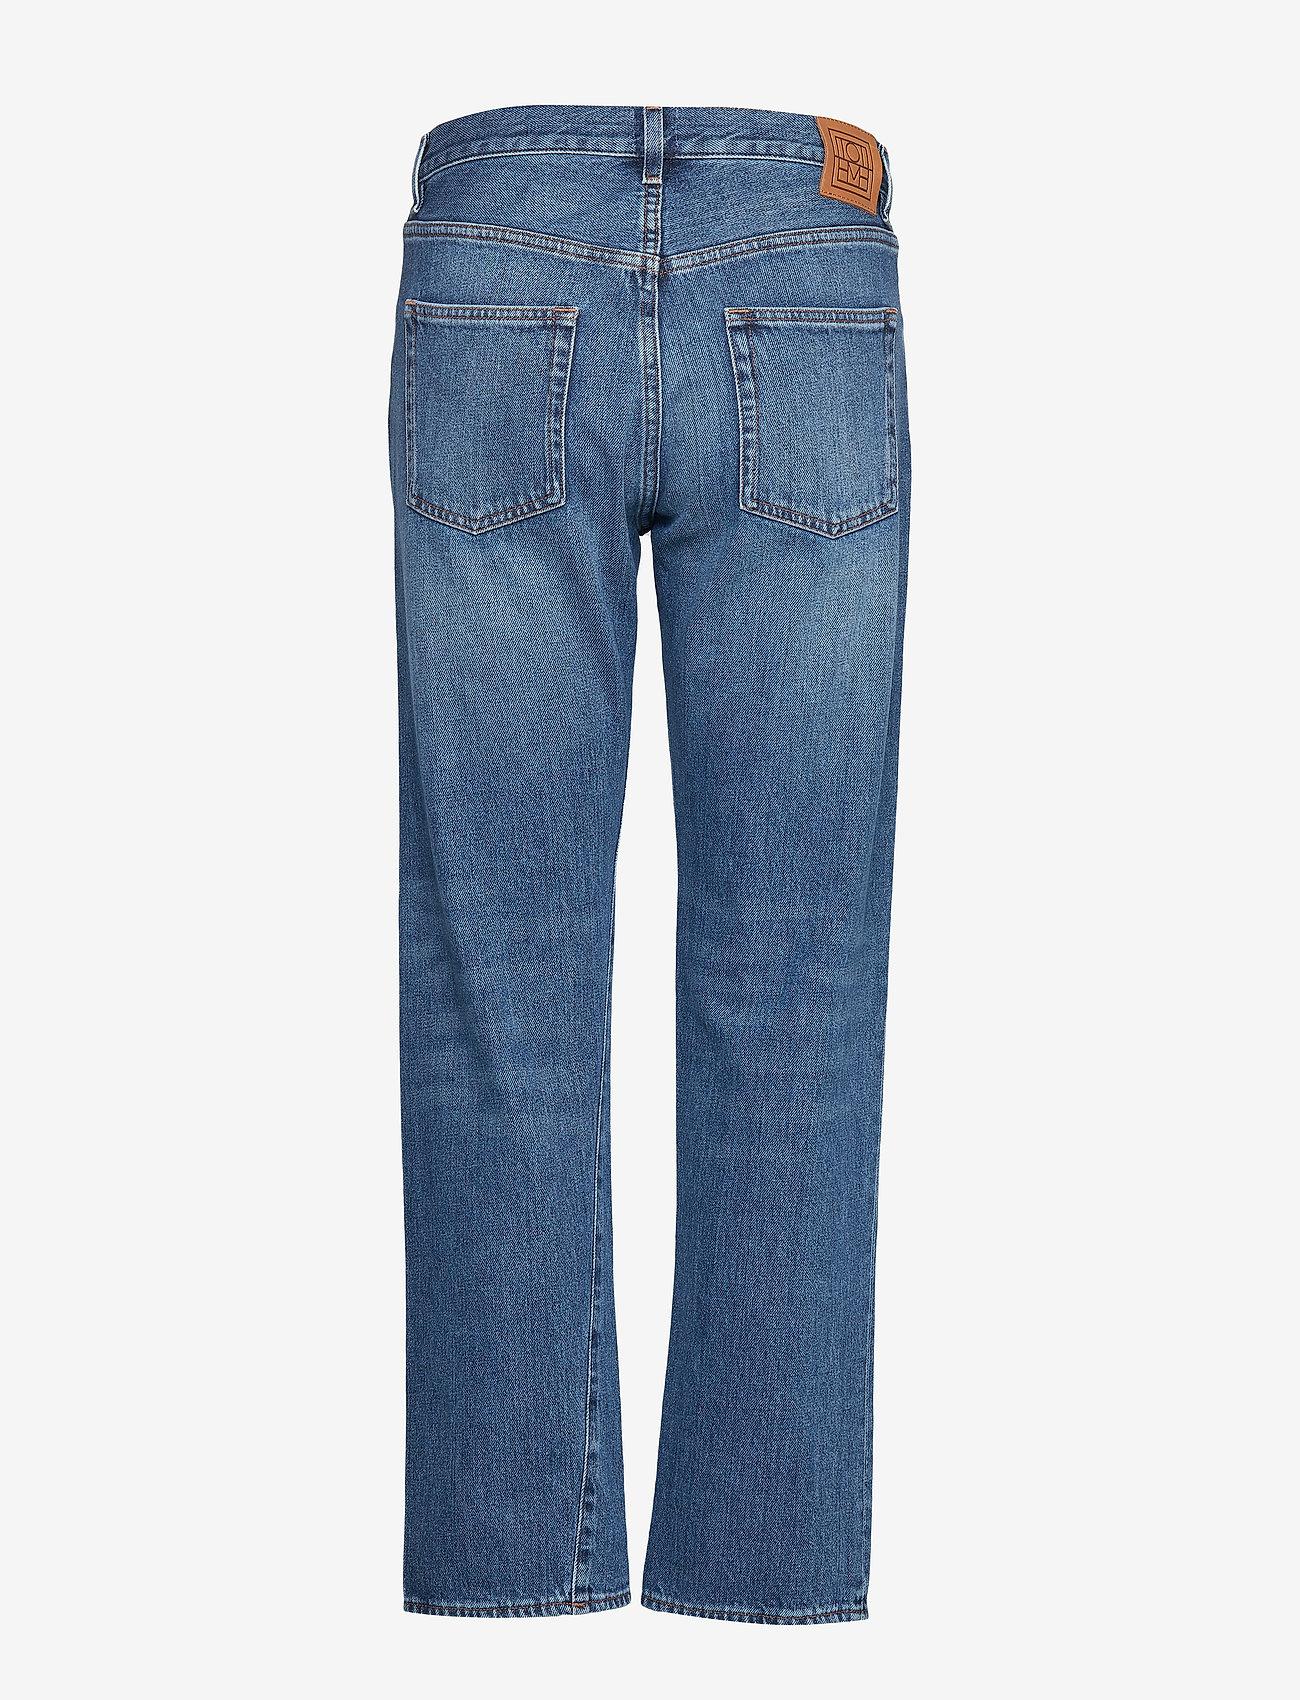 Totême - ORIGINAL DENIM - straight jeans - washed blue 405 - 1